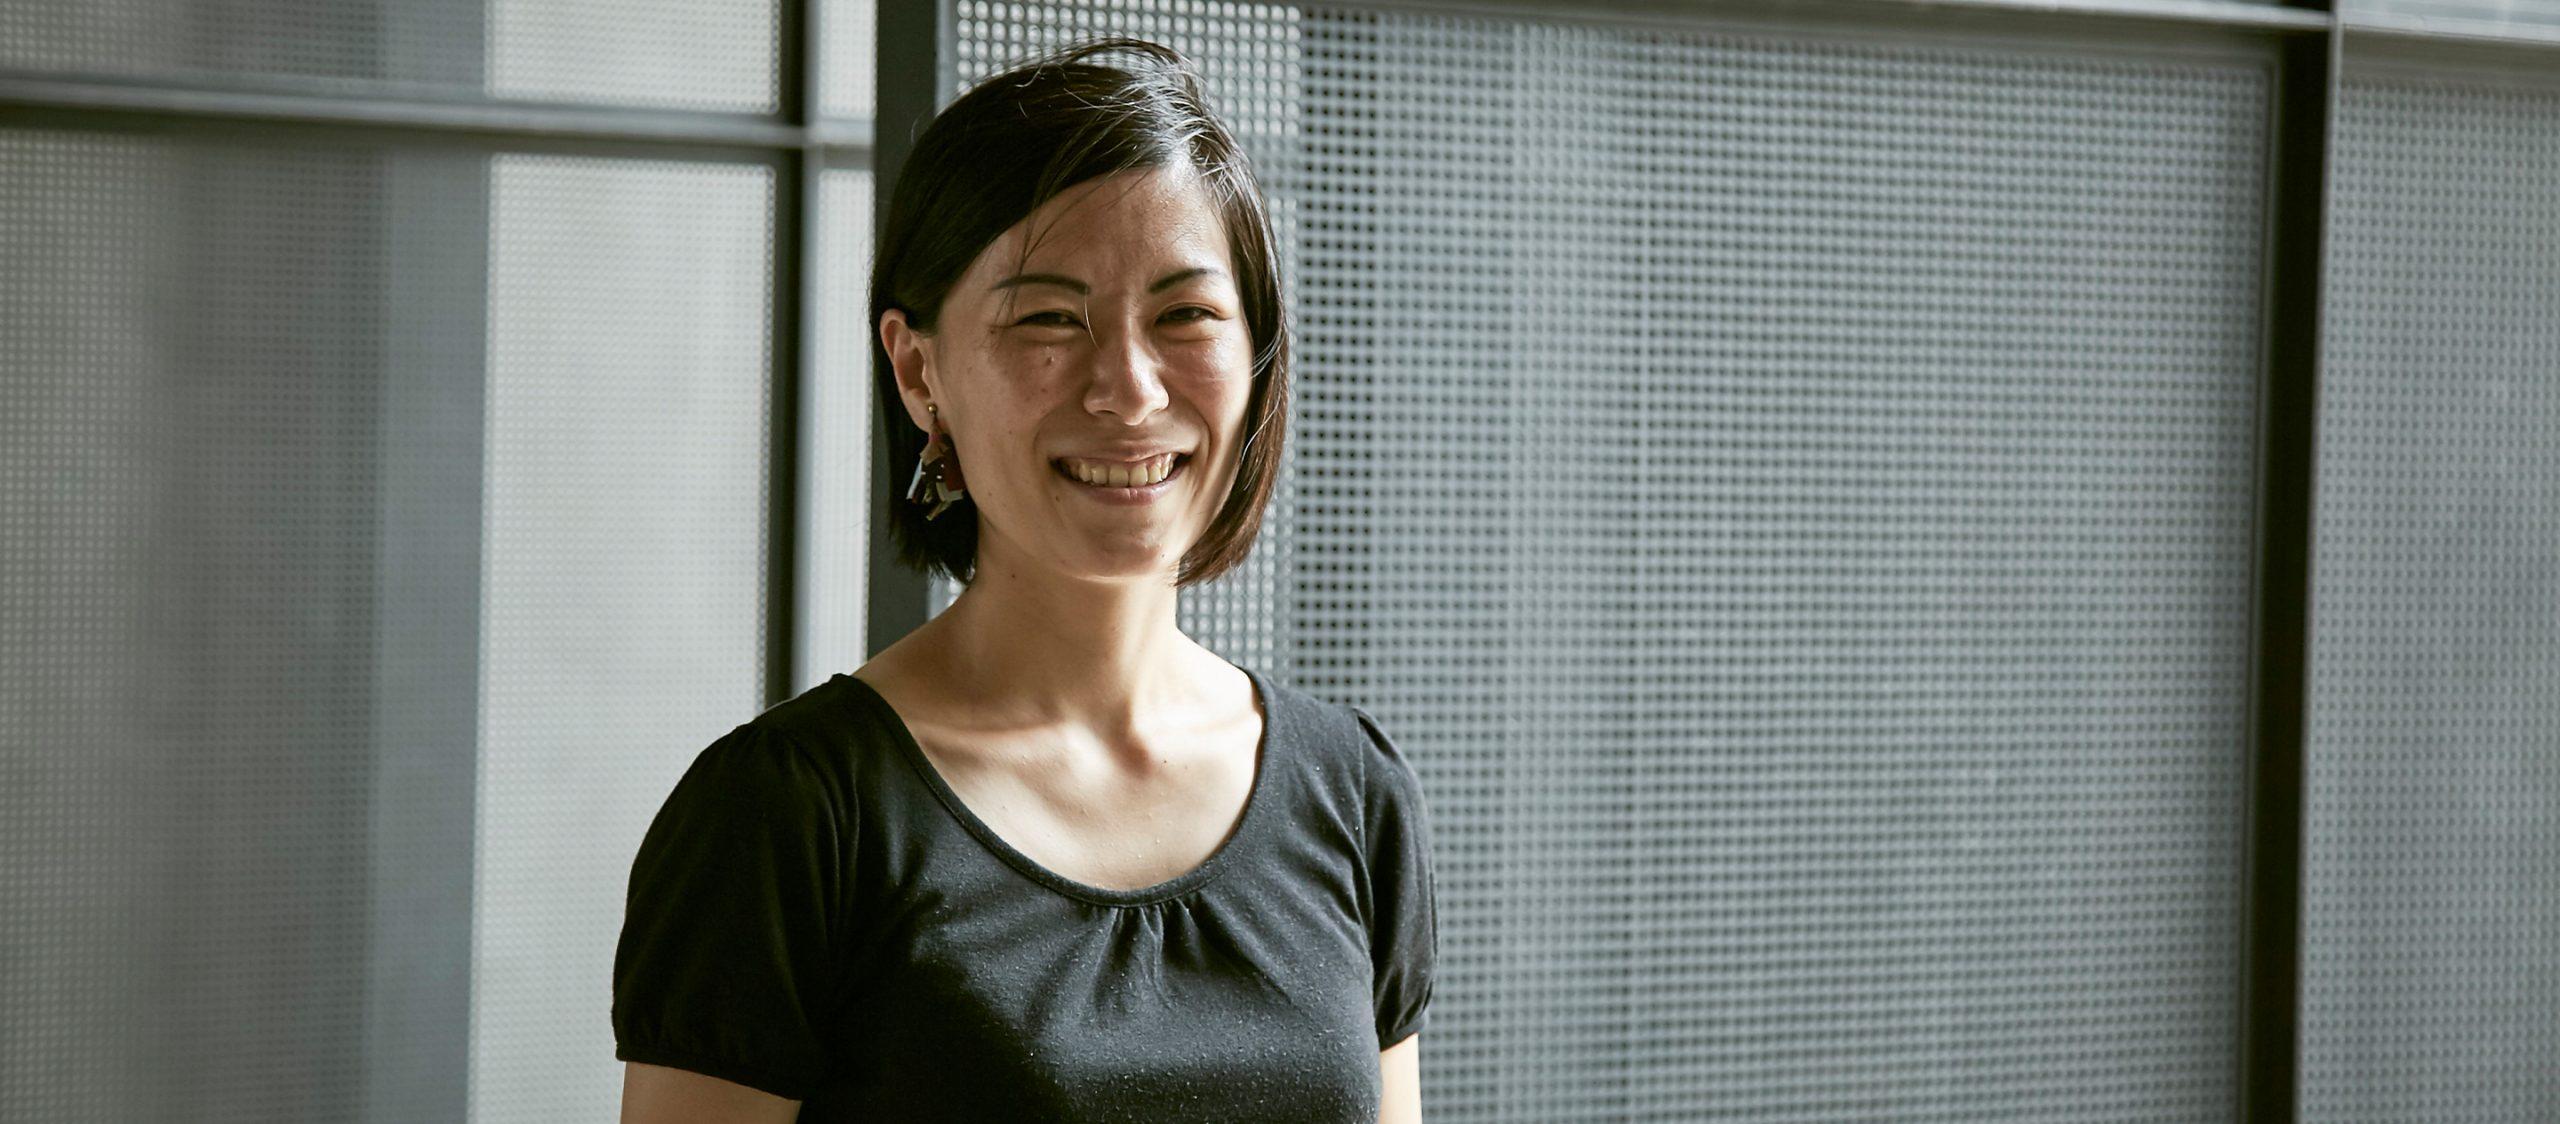 Akira Sakano หญิงสาวผู้เปลี่ยนเมืองเล็กๆ ของญี่ปุ่นให้เป็นเมืองปลอดขยะเบอร์หนึ่งของโลก